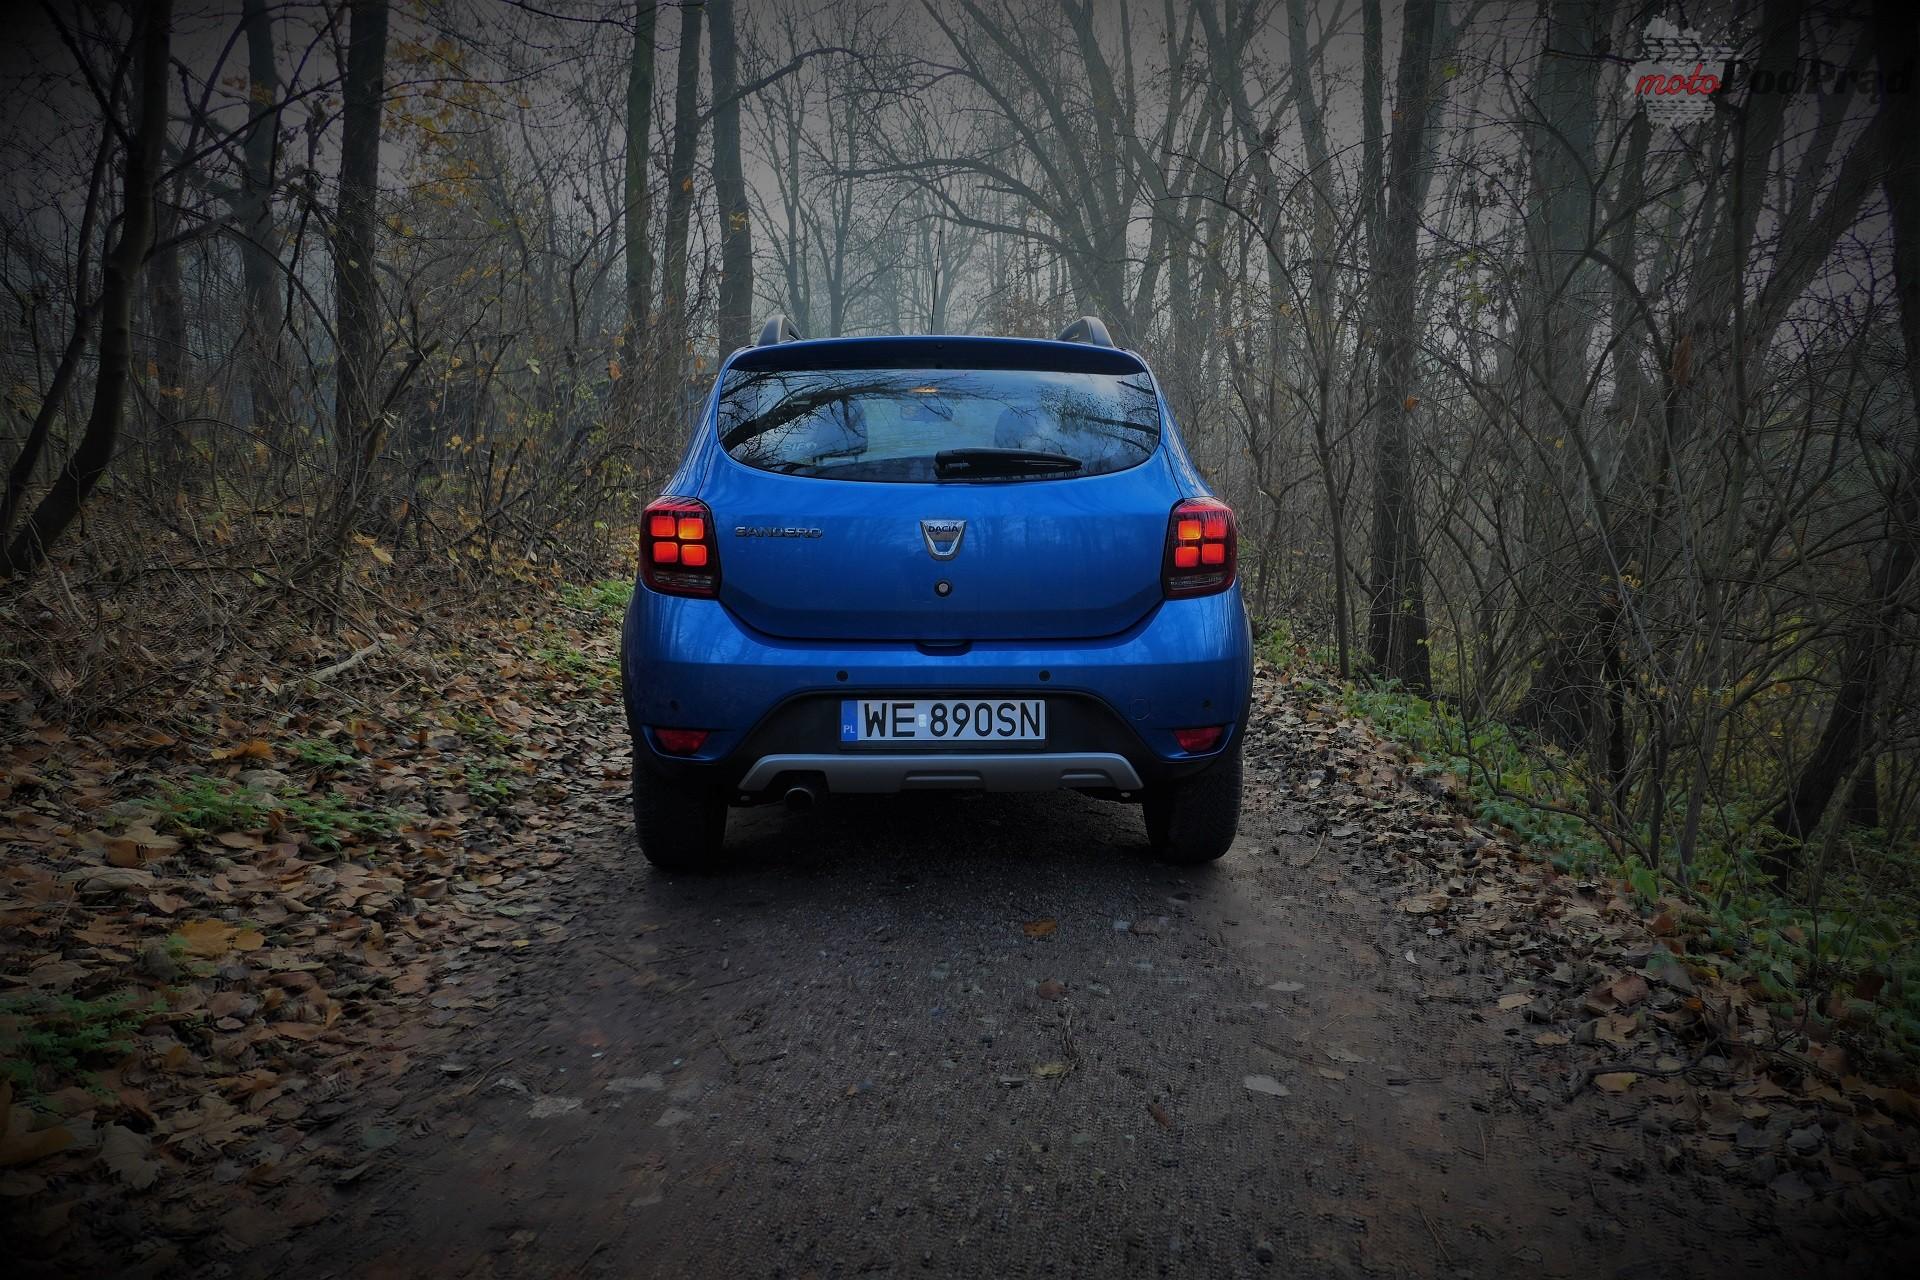 Dacia Sandero Stepway 1 Test: Dacia Sandero Stepway   w prostocie siła